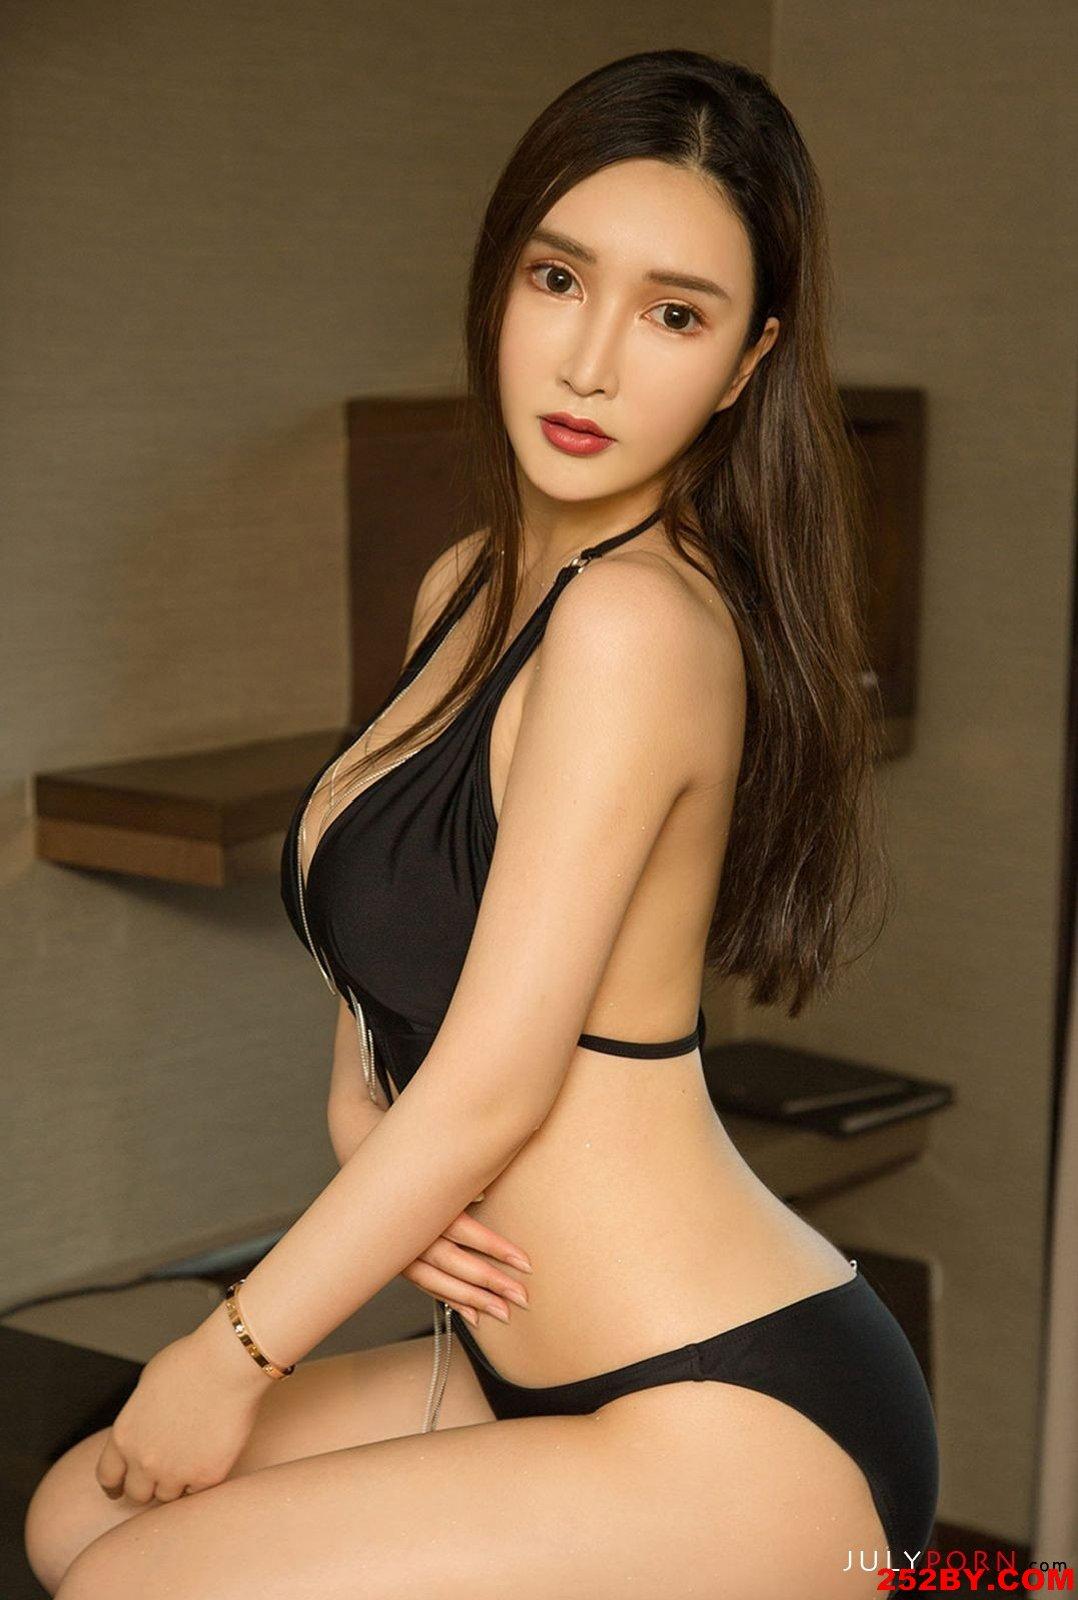 美女诱惑大胸少妇高清人体艺术写真摄影